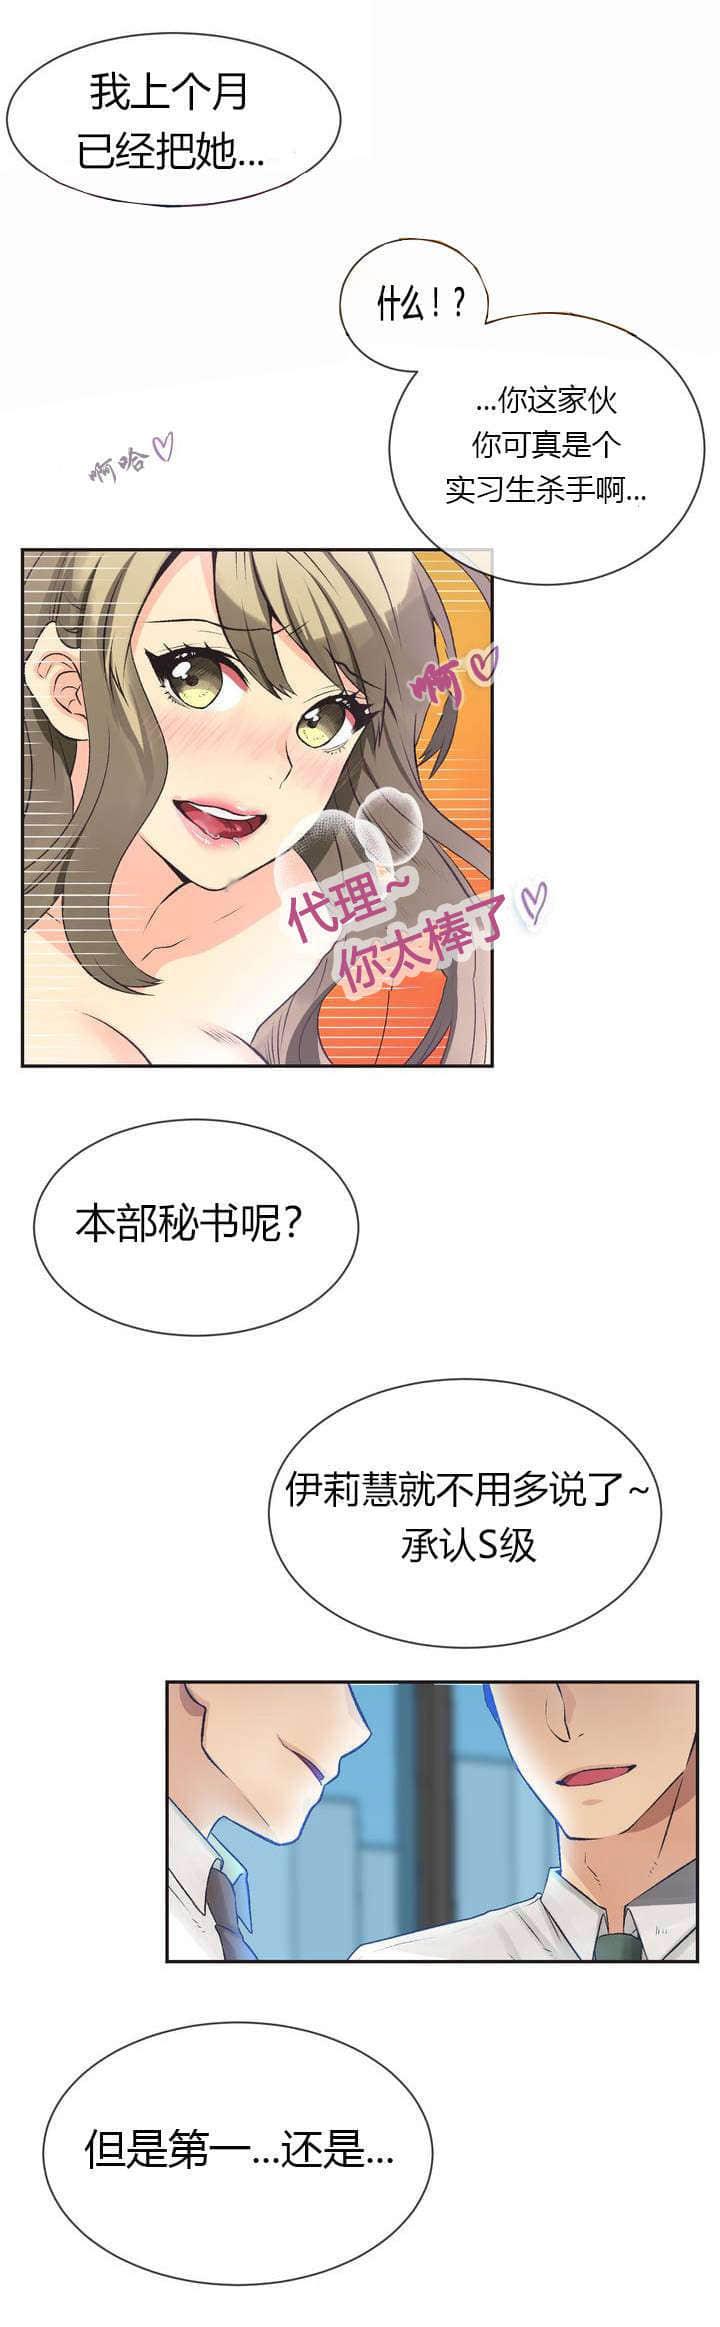 叶罗丽精灵梦第八季漫画百年2021今日日更